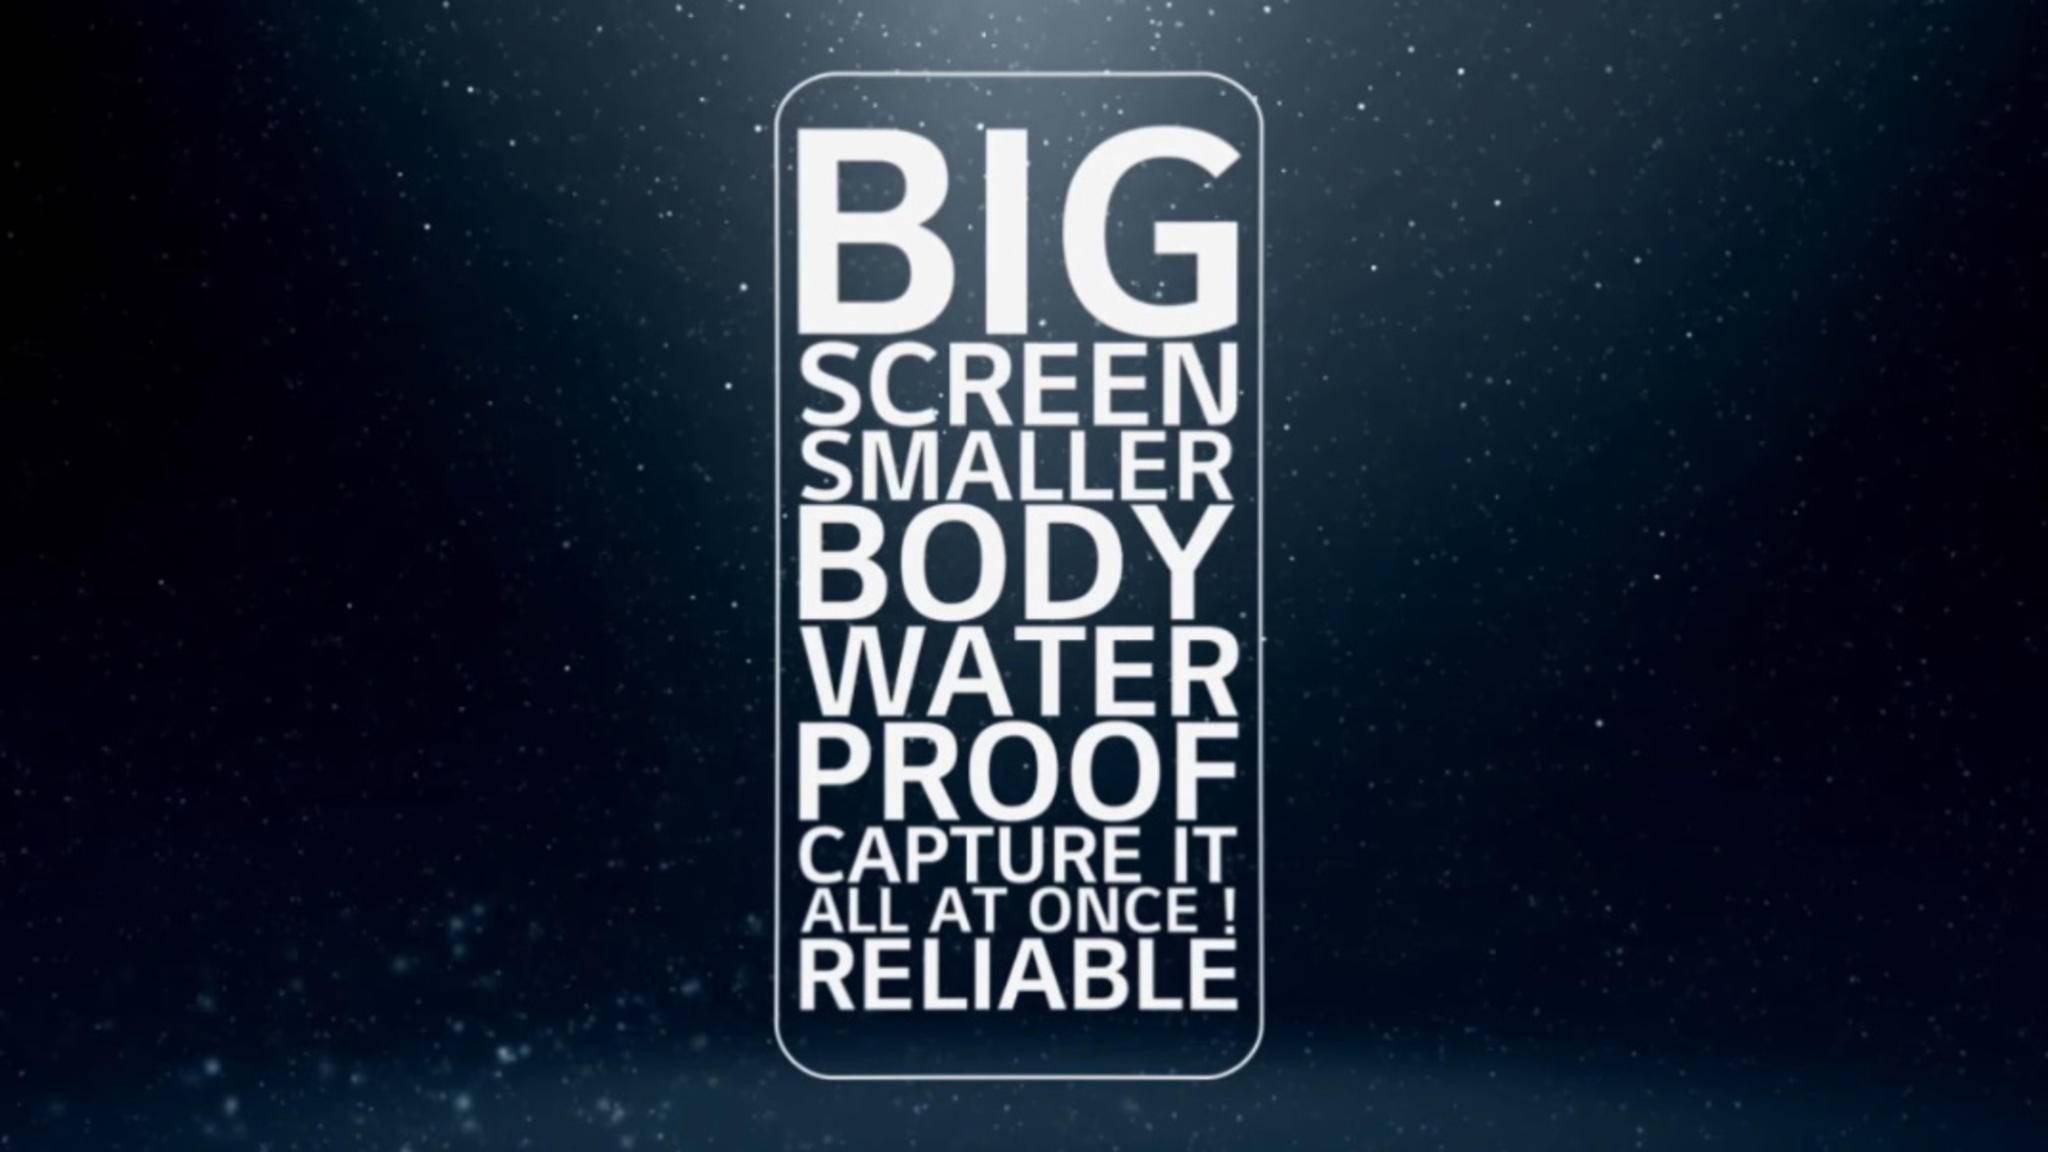 Sollte das LG G6 wirklich so aussehen, wäre bereits ein Wunsch erfüllt.